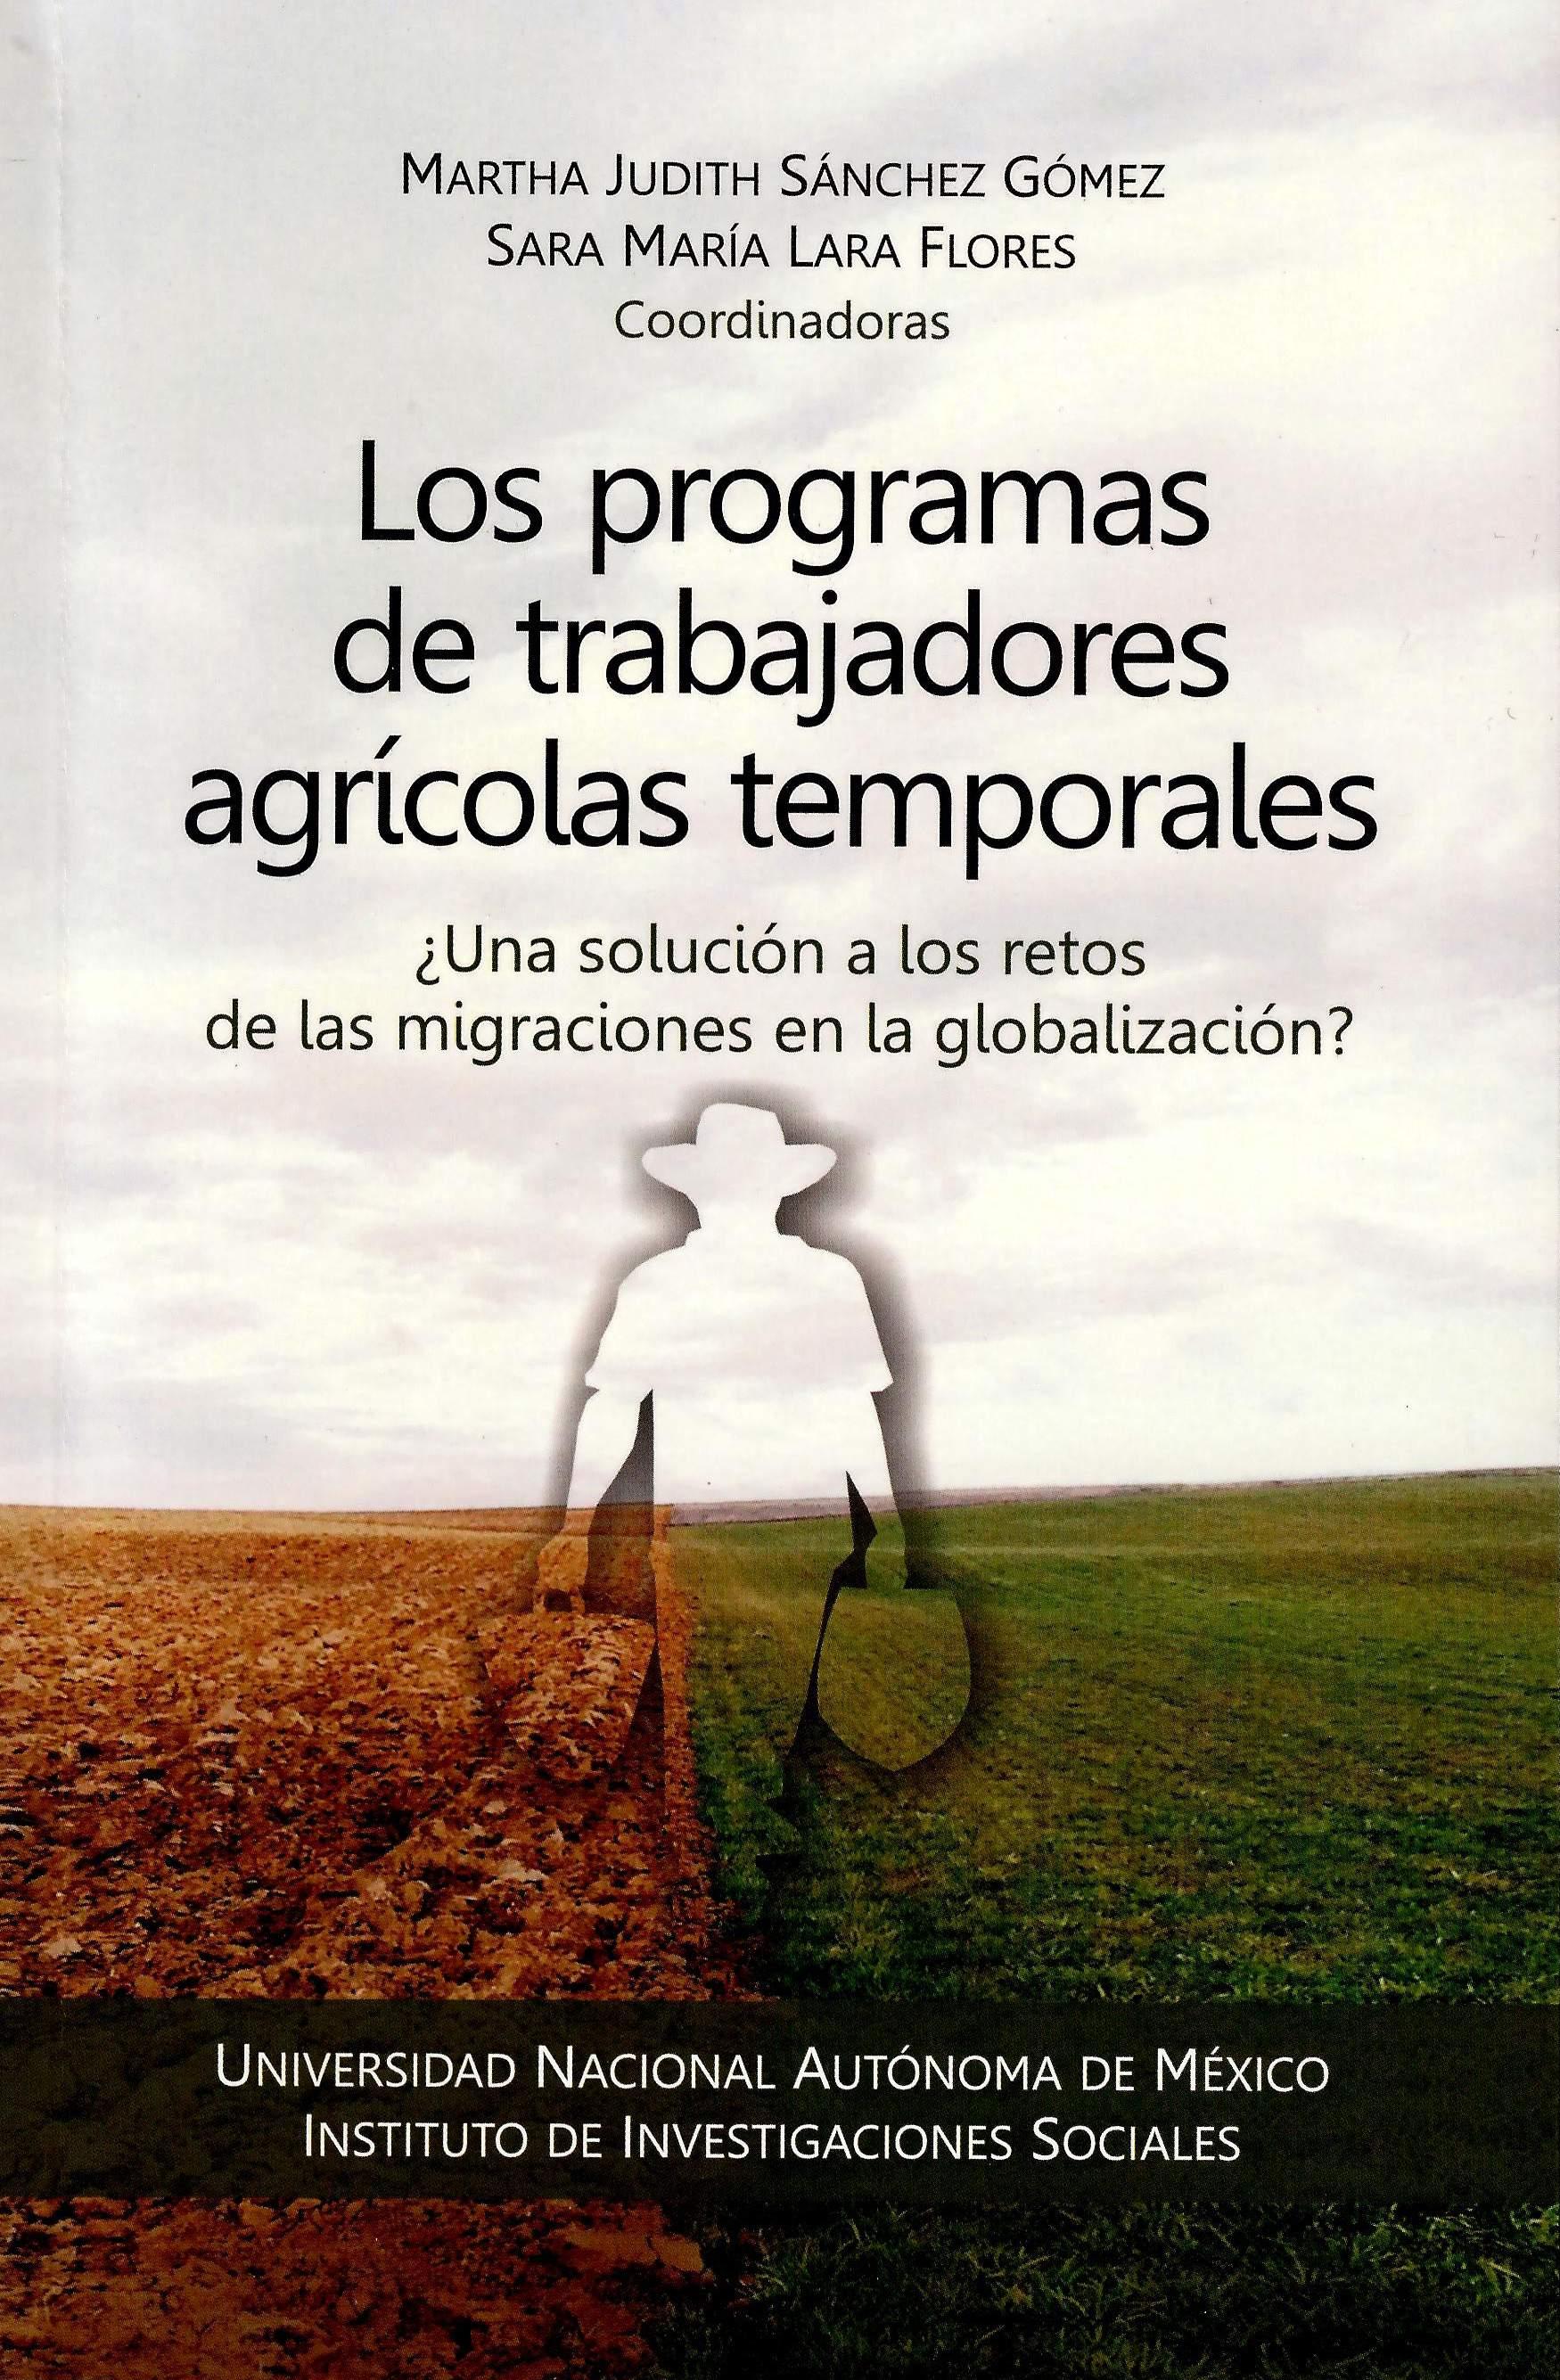 Los programas de trabajadores agrícolas temporales: ¿una solución a los retos de las migraciones en